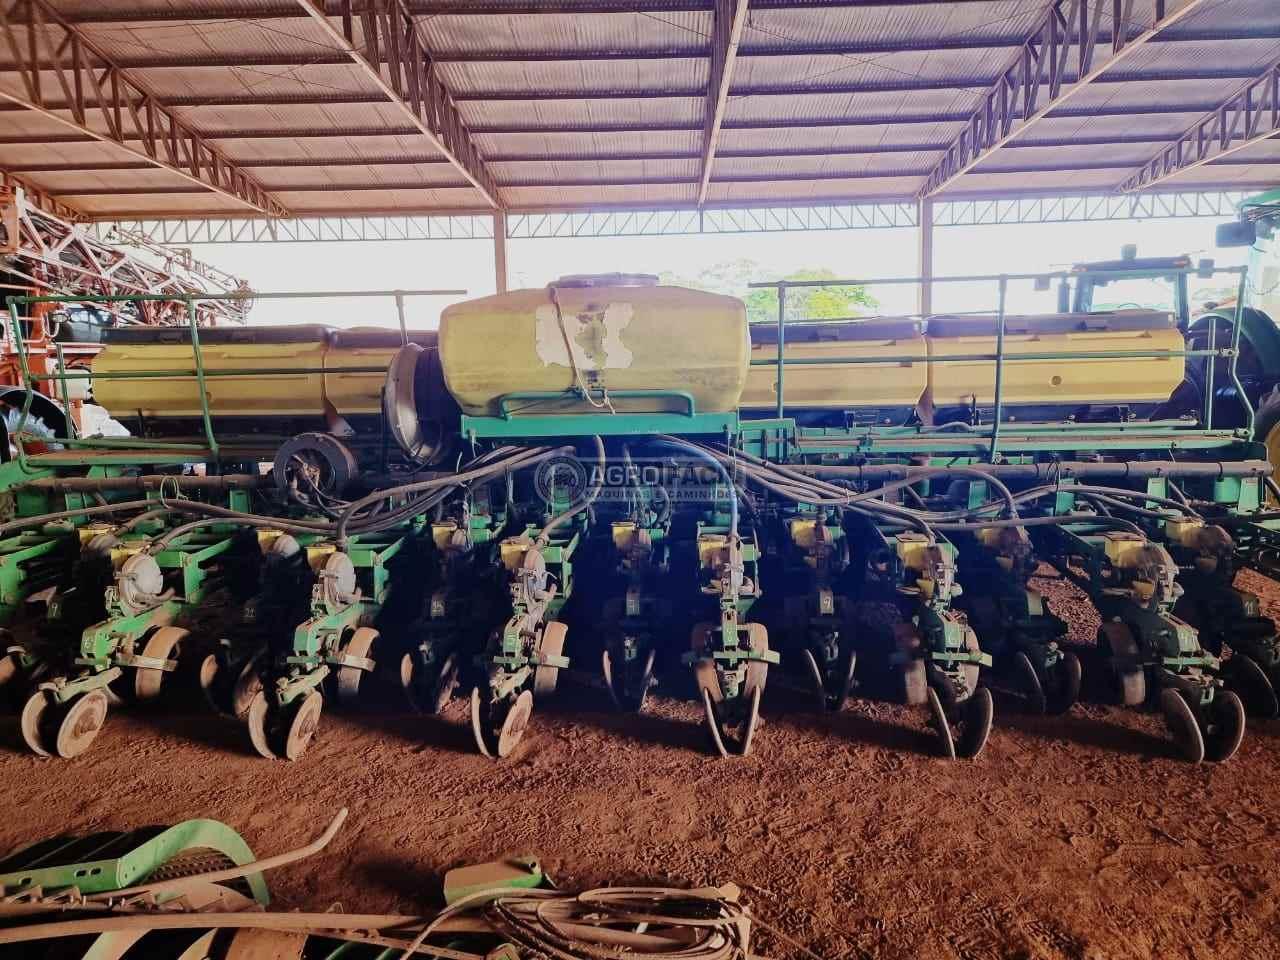 PLANTADEIRA JOHN DEERE PLANTADEIRAS 2134 Agro Fácil Máquinas PRIMAVERA DO LESTE MATO GROSSO MT